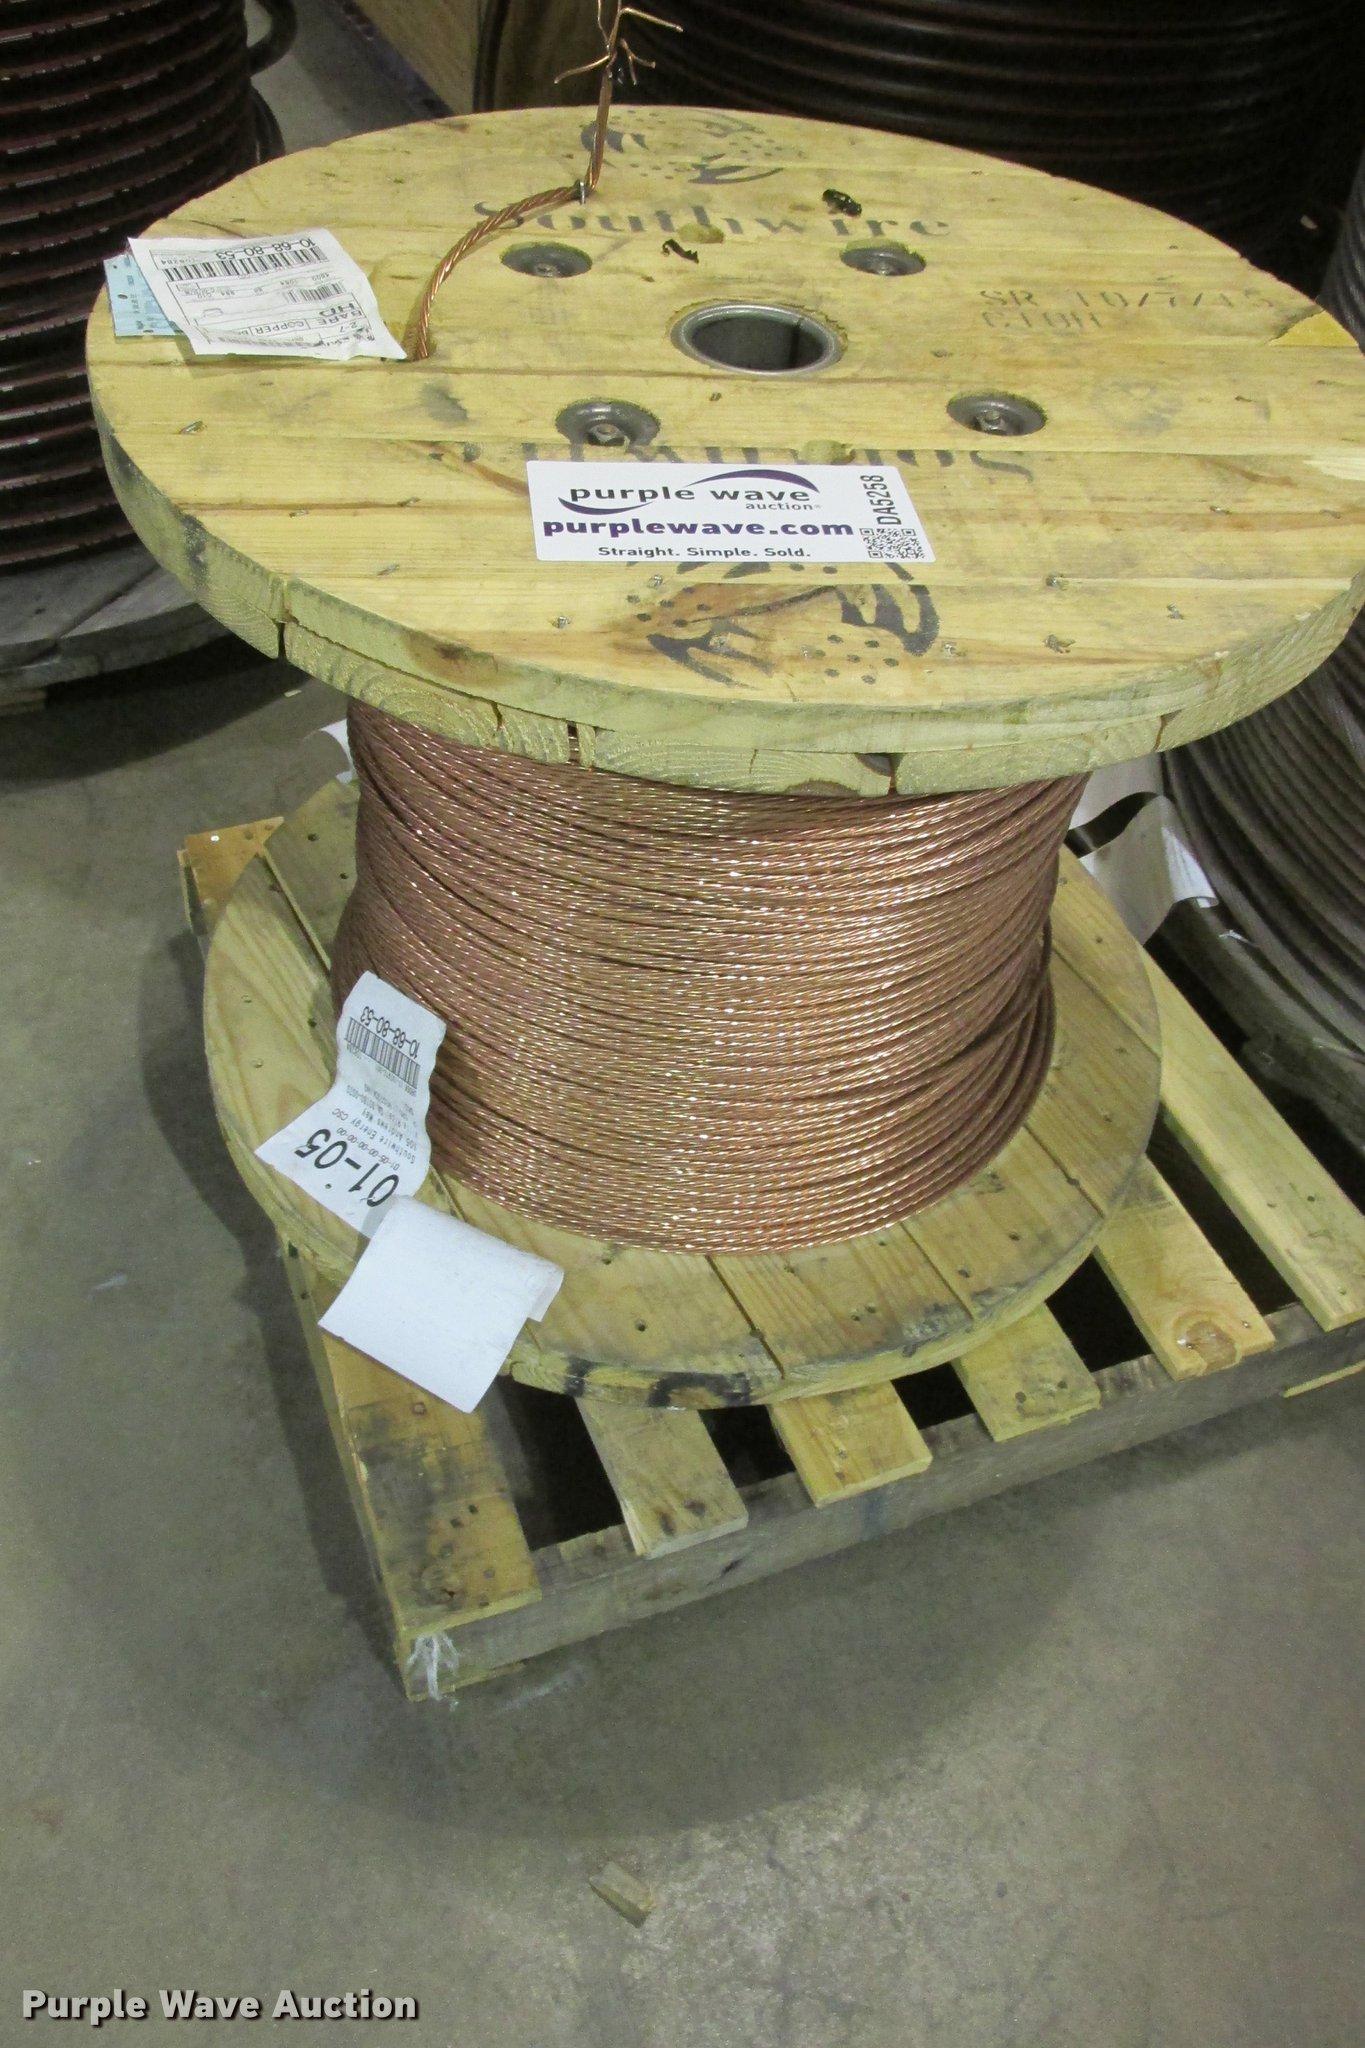 Southwire seven strand copper wire item da5258 sold jan da5258 image for item da5258 southwire seven strand copper wire keyboard keysfo Image collections